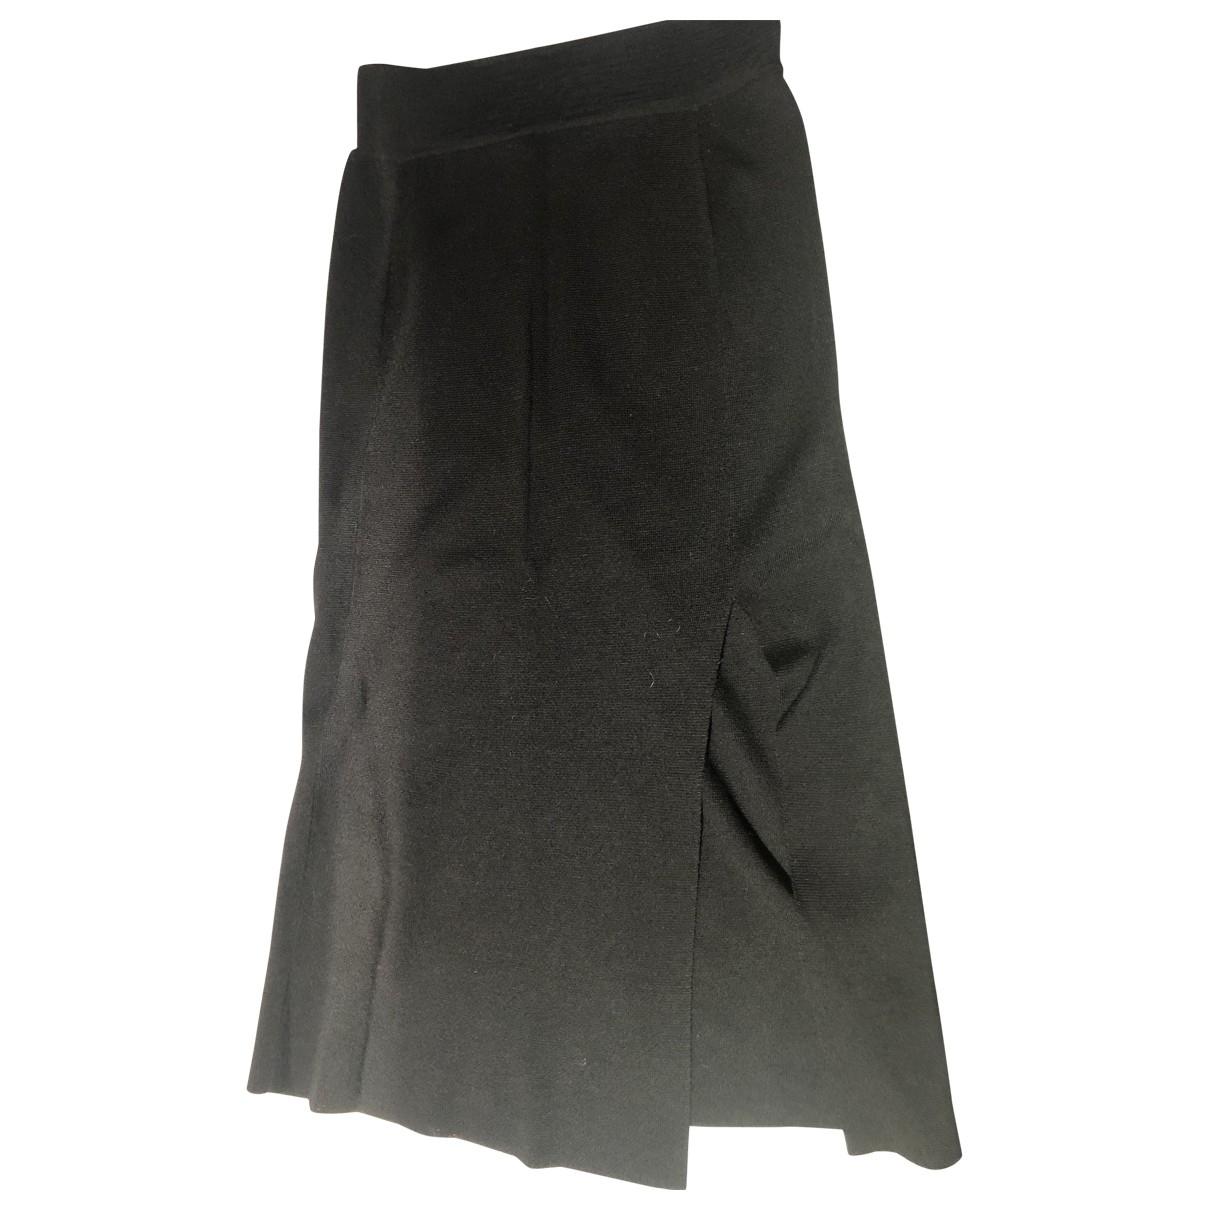 81hours \N Black Wool skirt for Women XS International